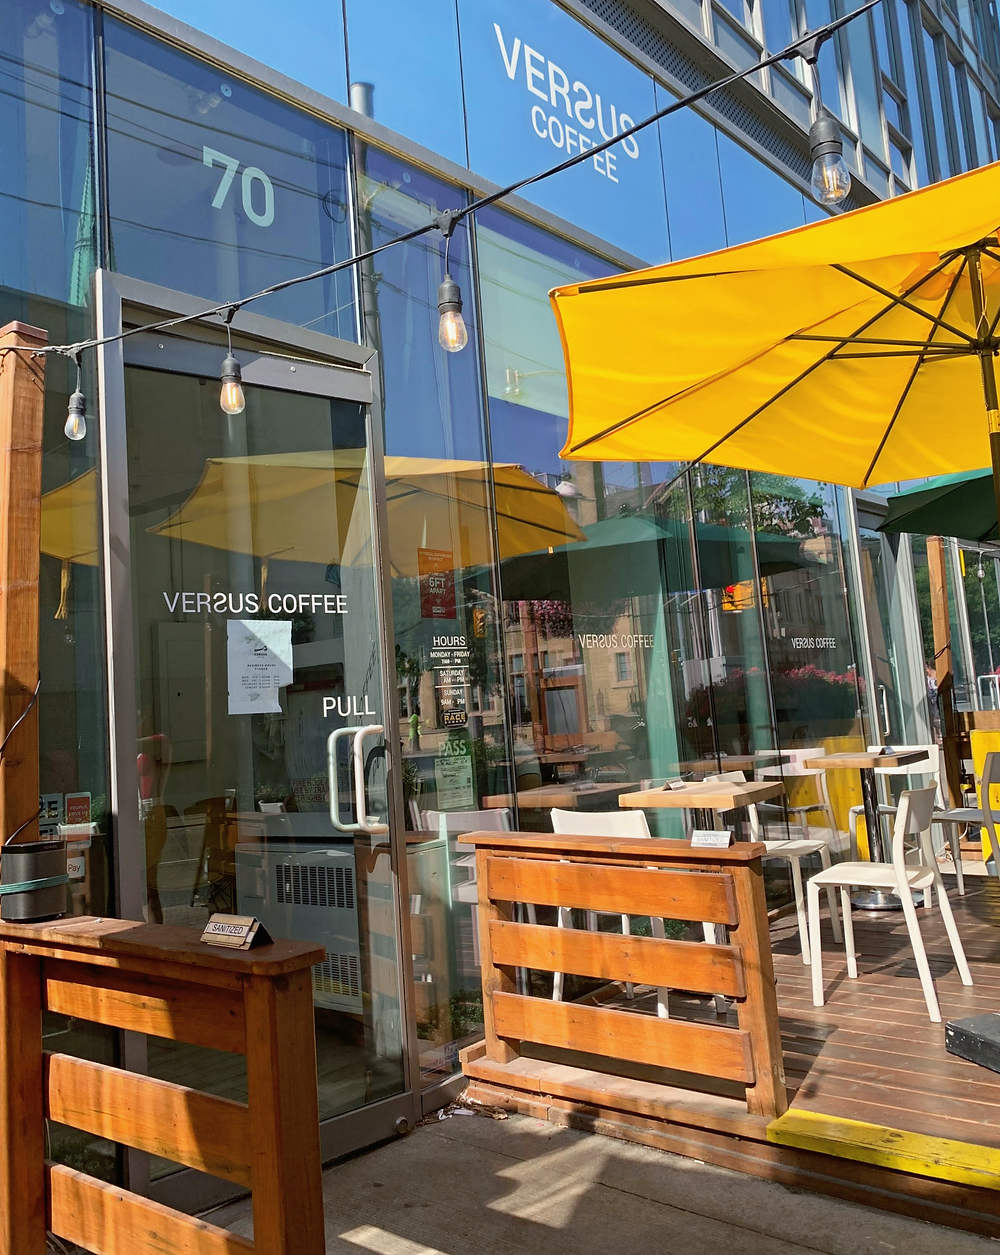 Coffee patio downtown Toronto Versus Coffee